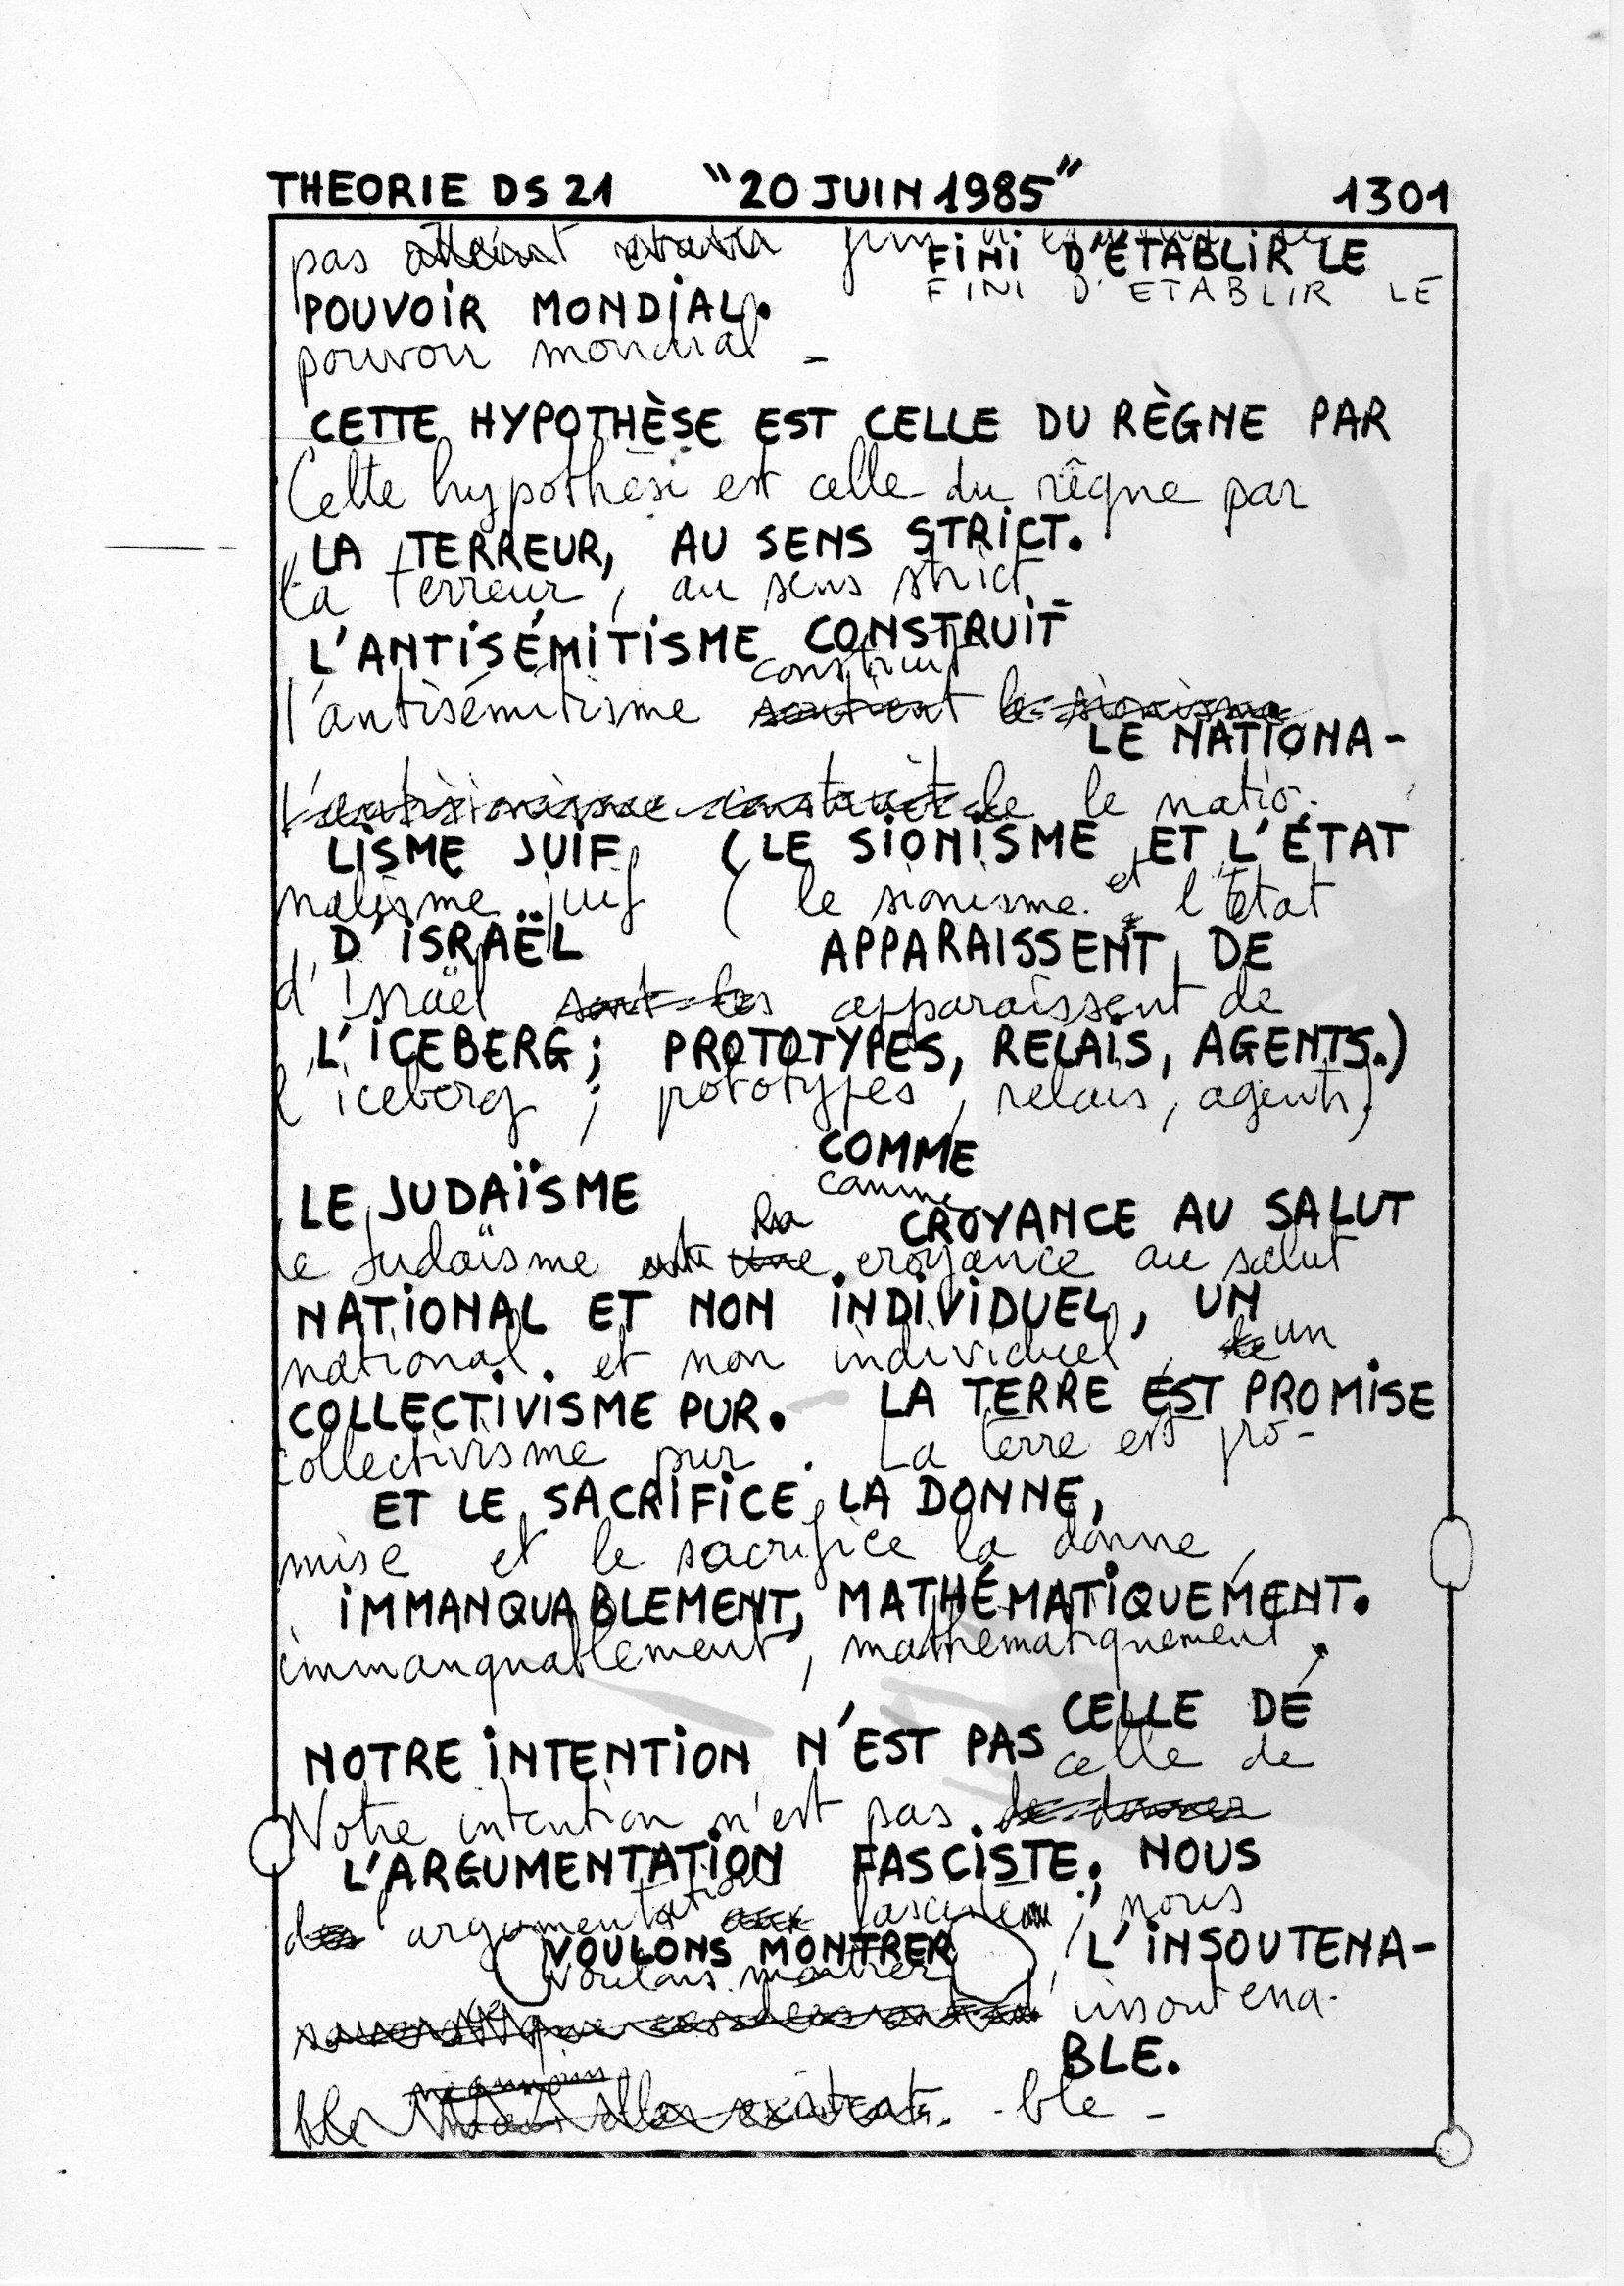 page 1301 Théorie D.S. 21 20 JUIN 1985